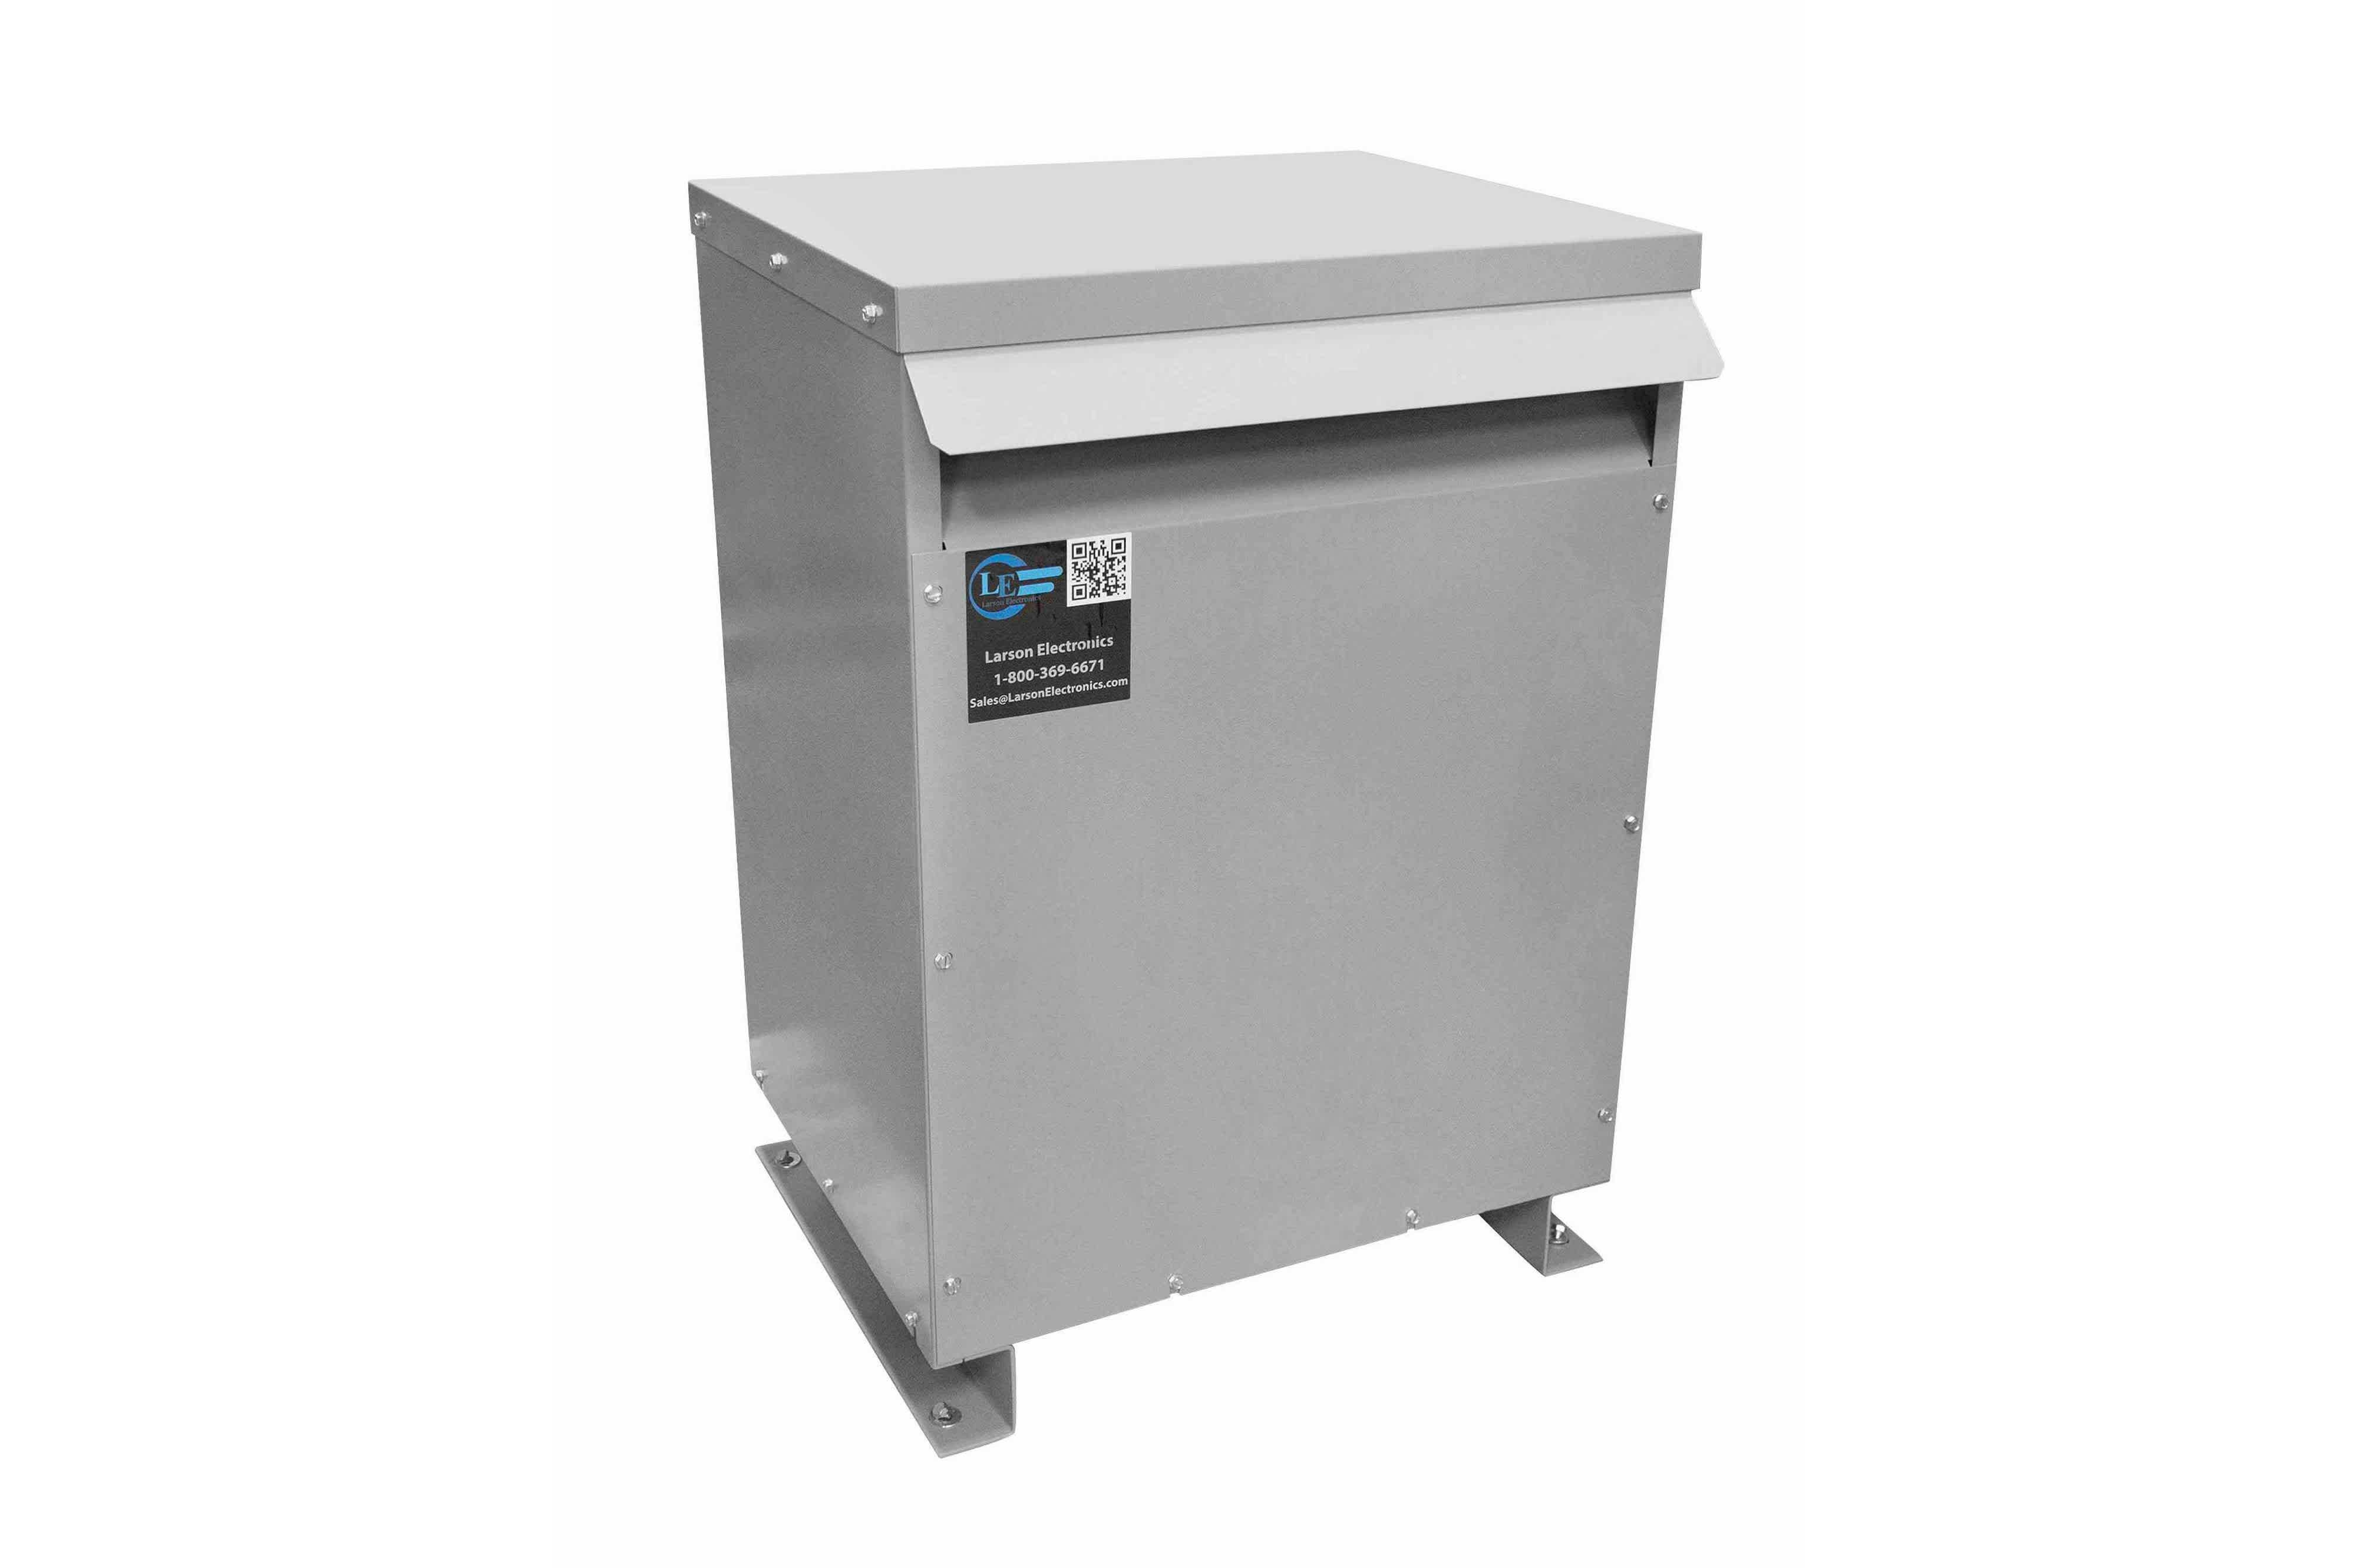 150 kVA 3PH Isolation Transformer, 208V Delta Primary, 600V Delta Secondary, N3R, Ventilated, 60 Hz